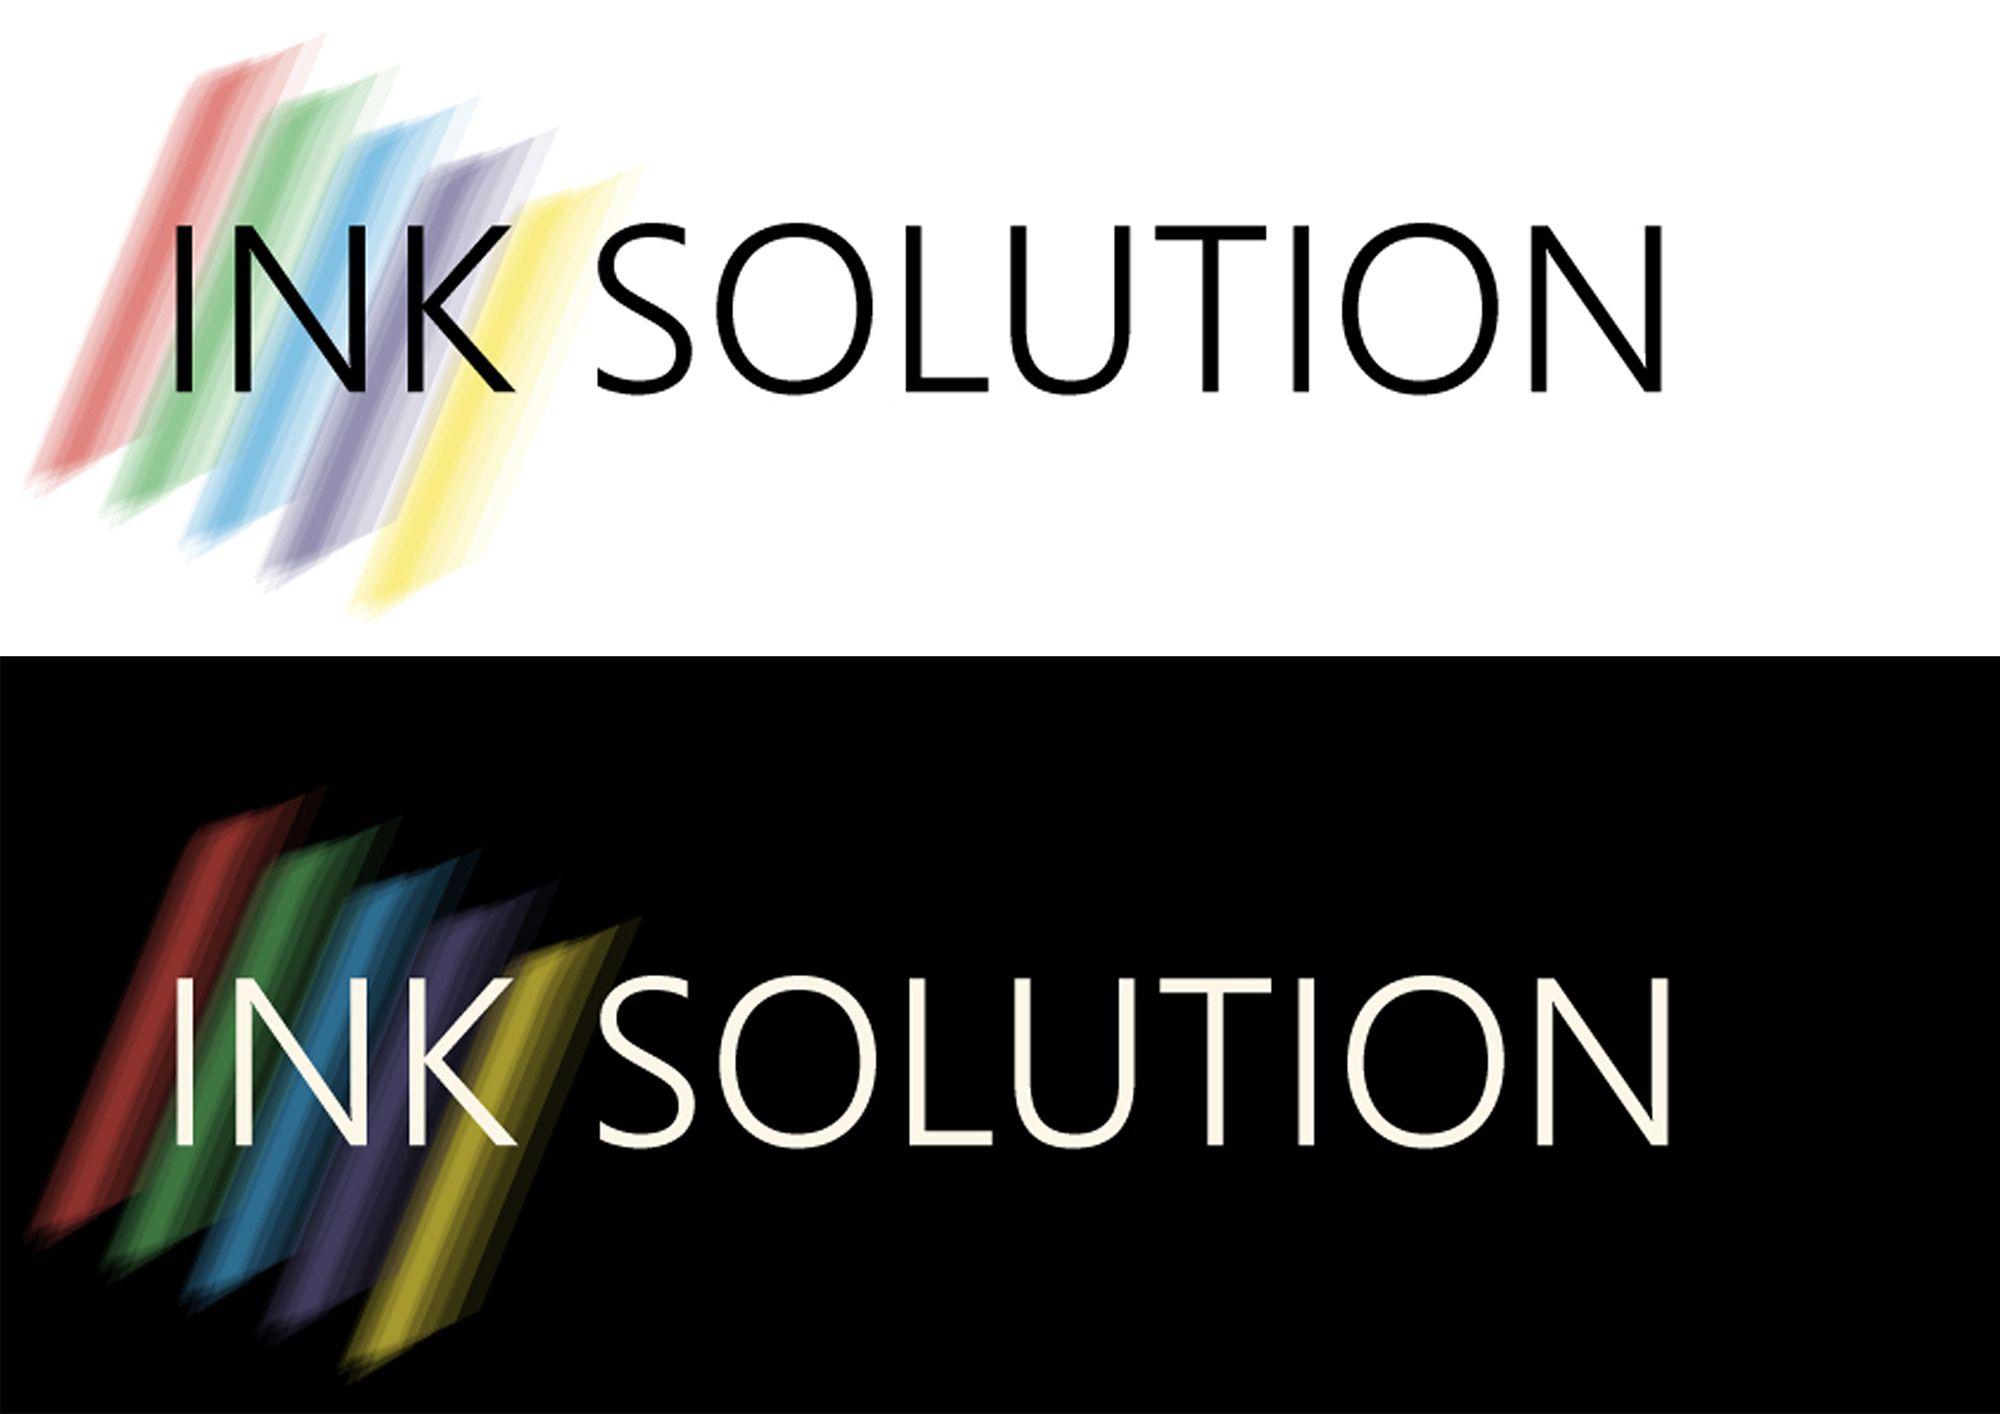 логотип компании  - дизайнер lex555lex